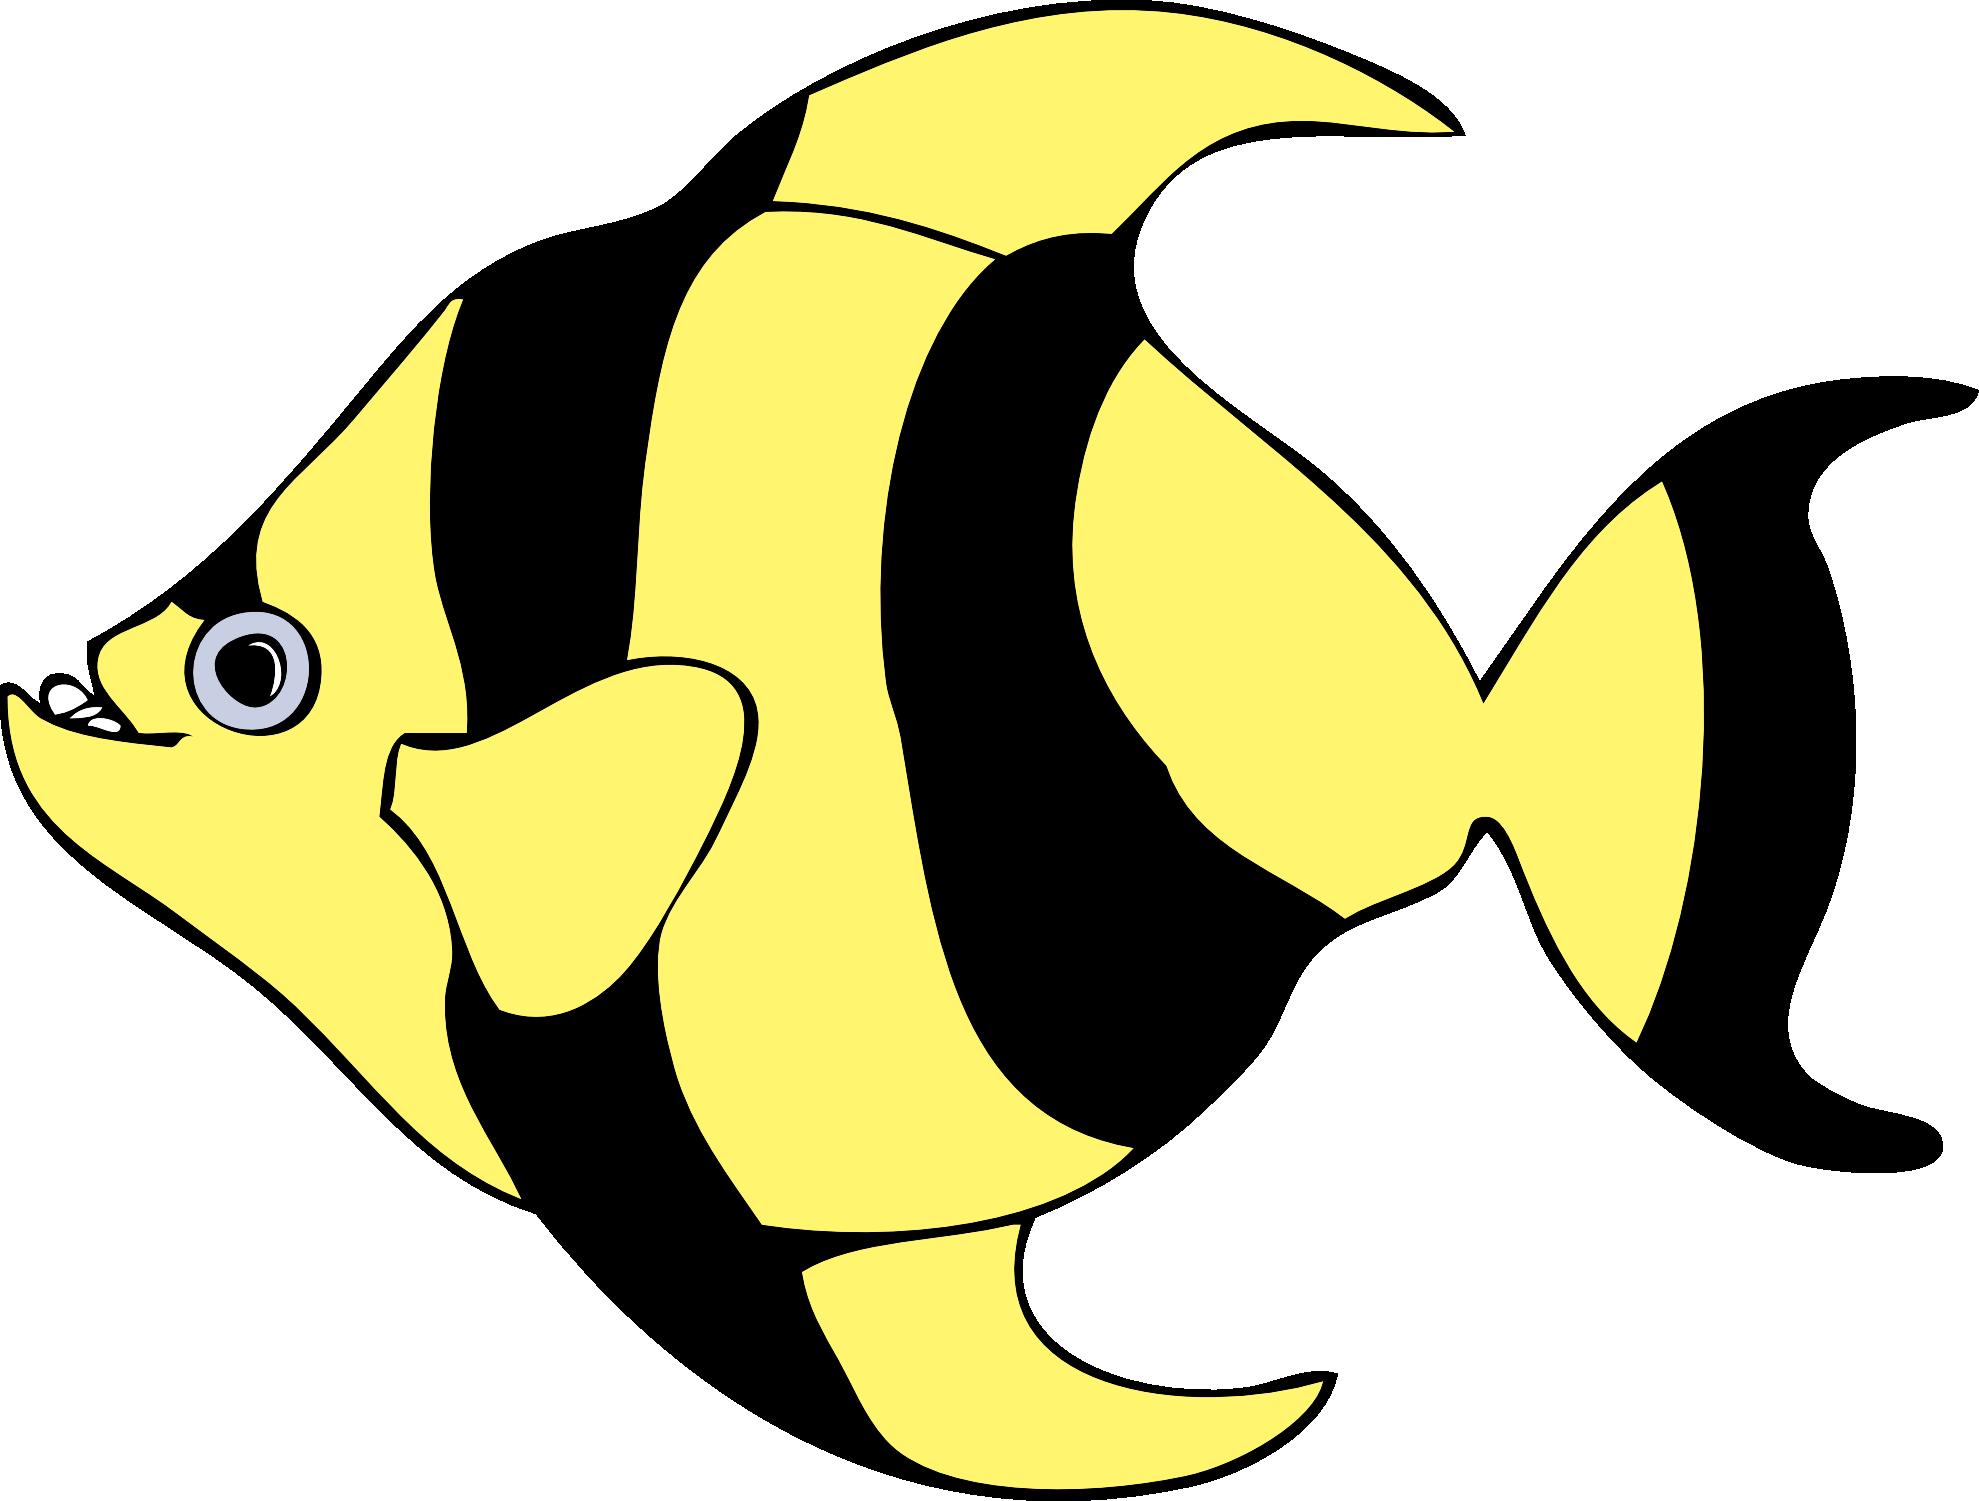 Tropical fish panda free. Fishing clipart sport fishing